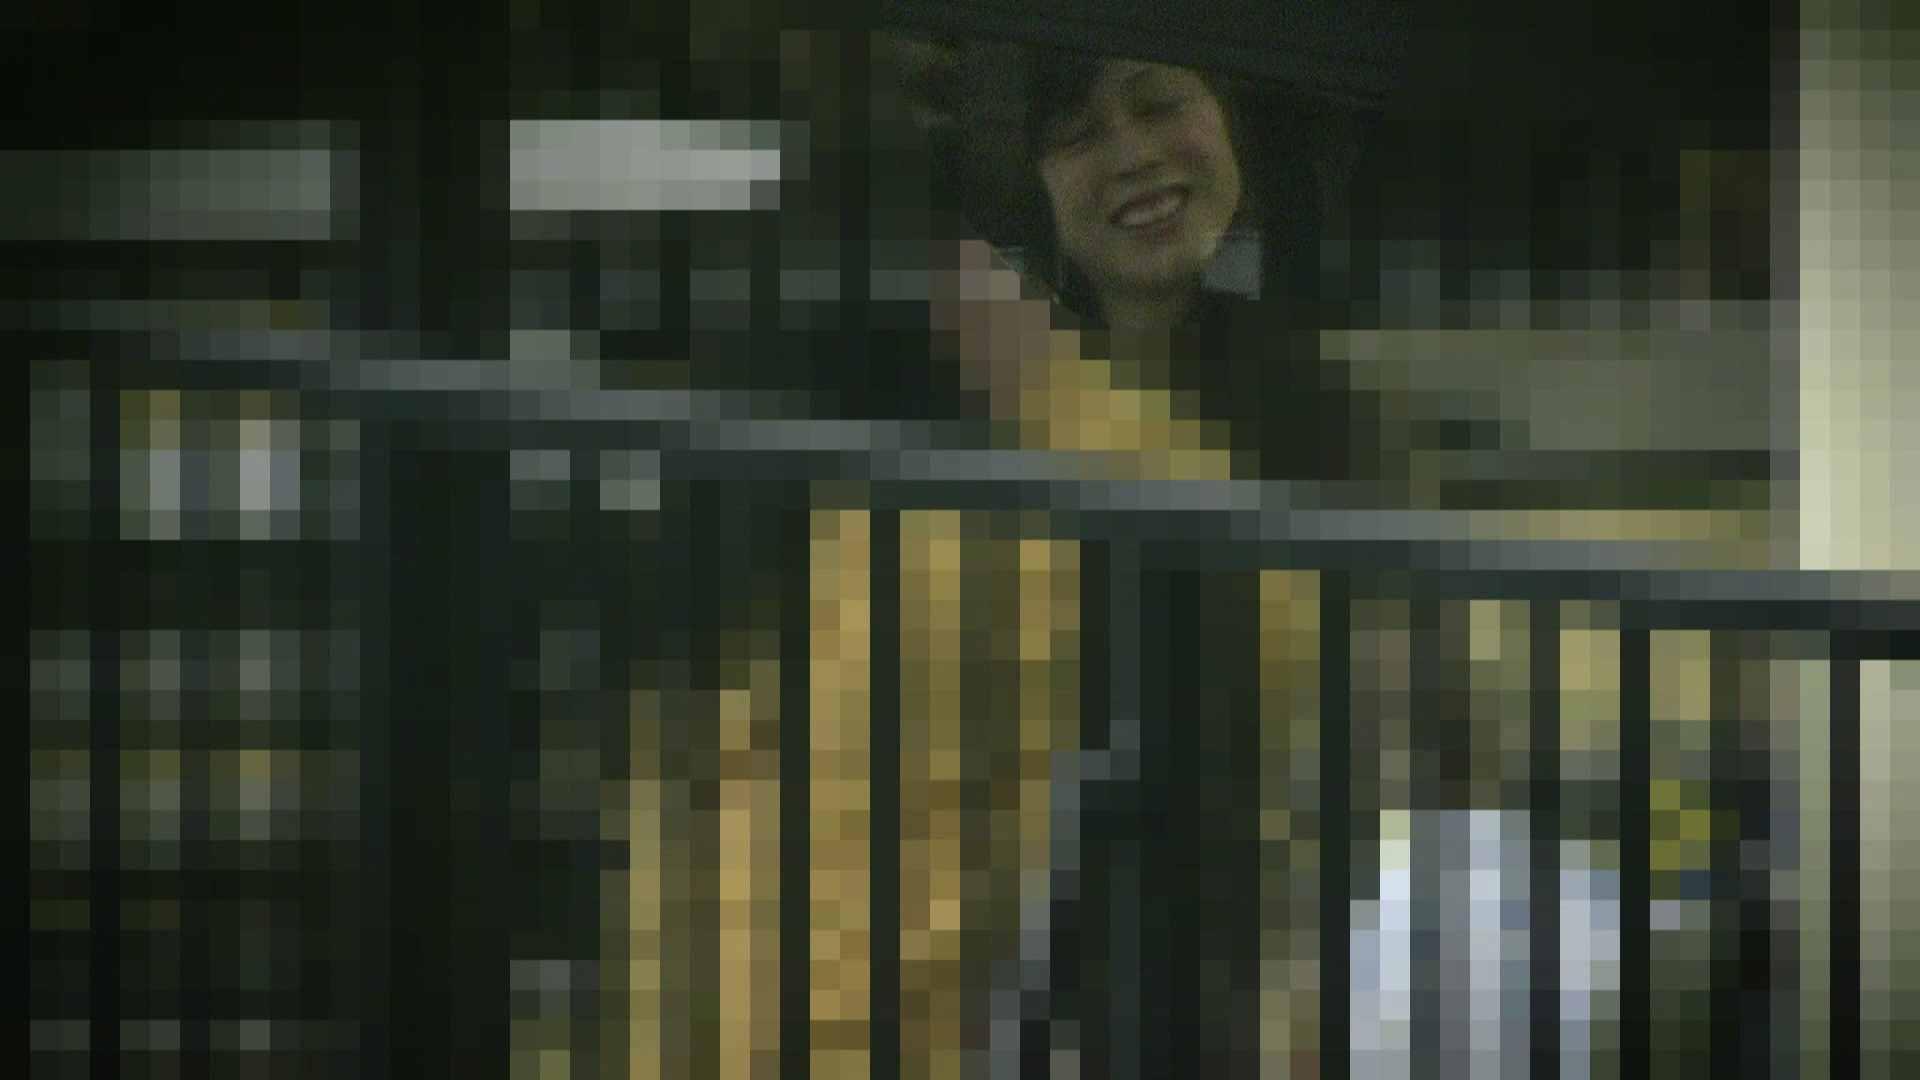 高画質露天女風呂観察 vol.006 ギャル入浴 オマンコ無修正動画無料 60連発 47